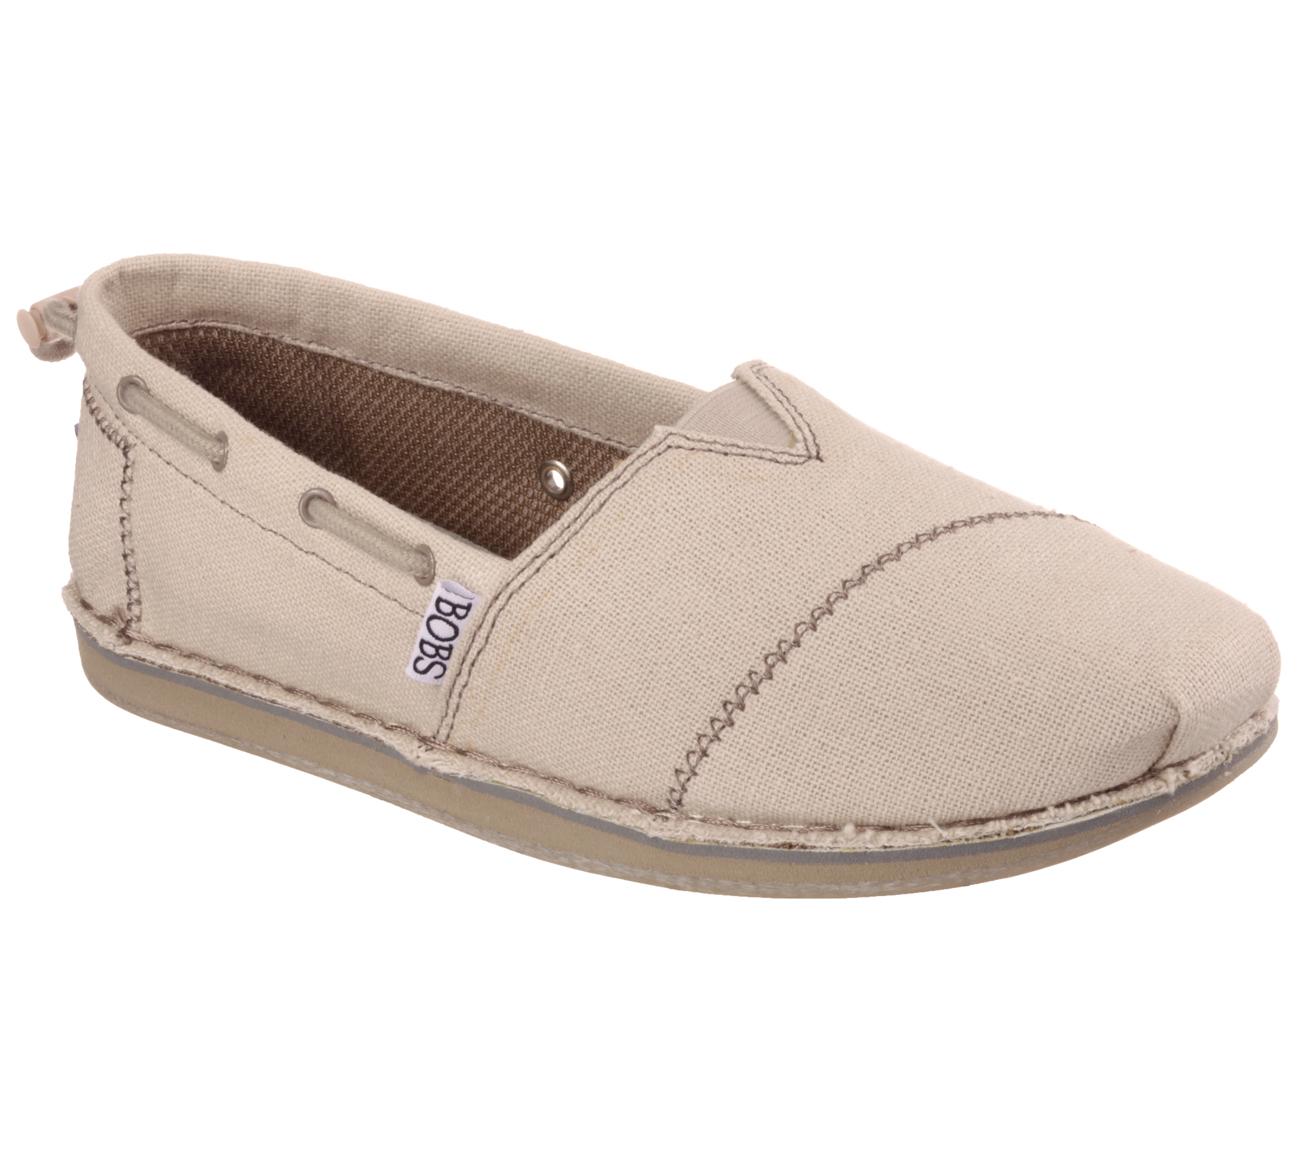 Skechers Bobs-Chill Boat Shoe For Women